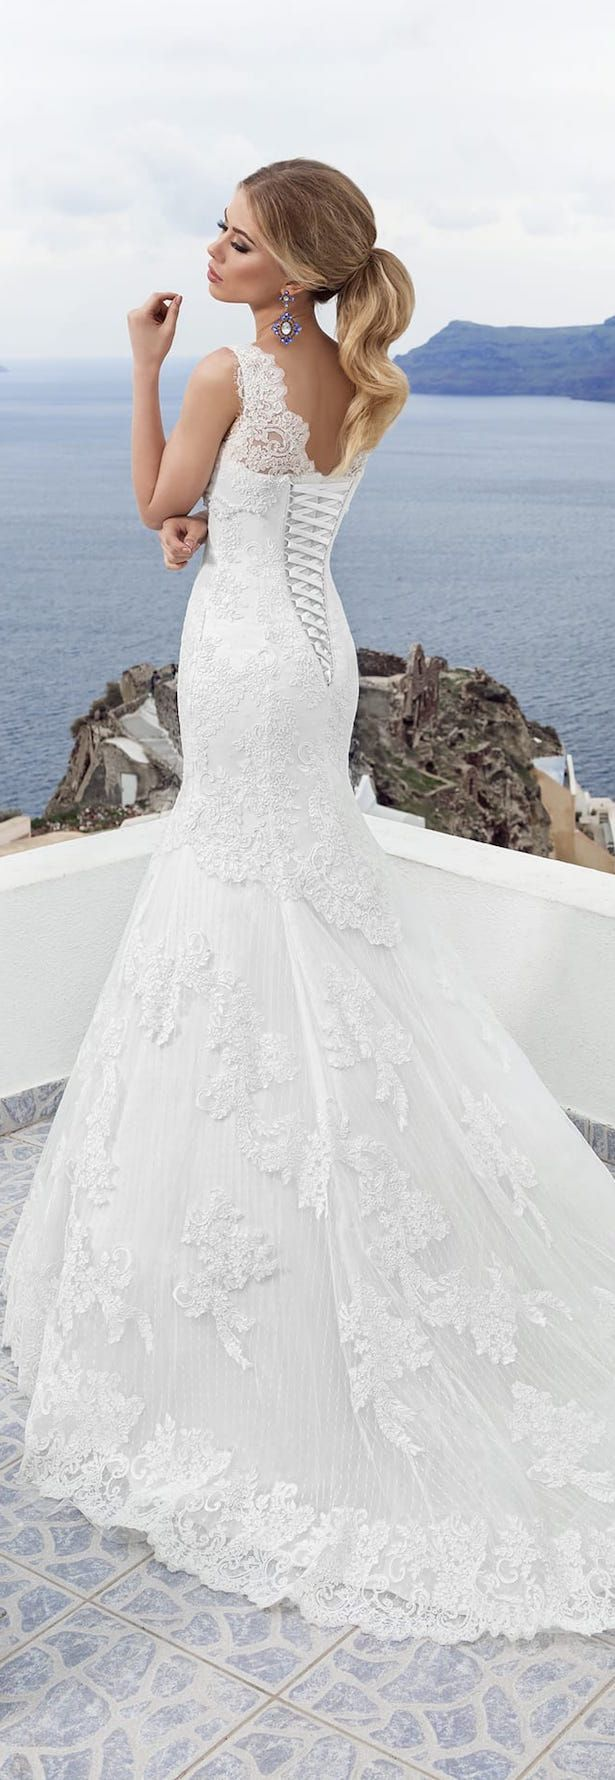 4721 Словно Ангел, свадебные платья 2017 - 2018 ......